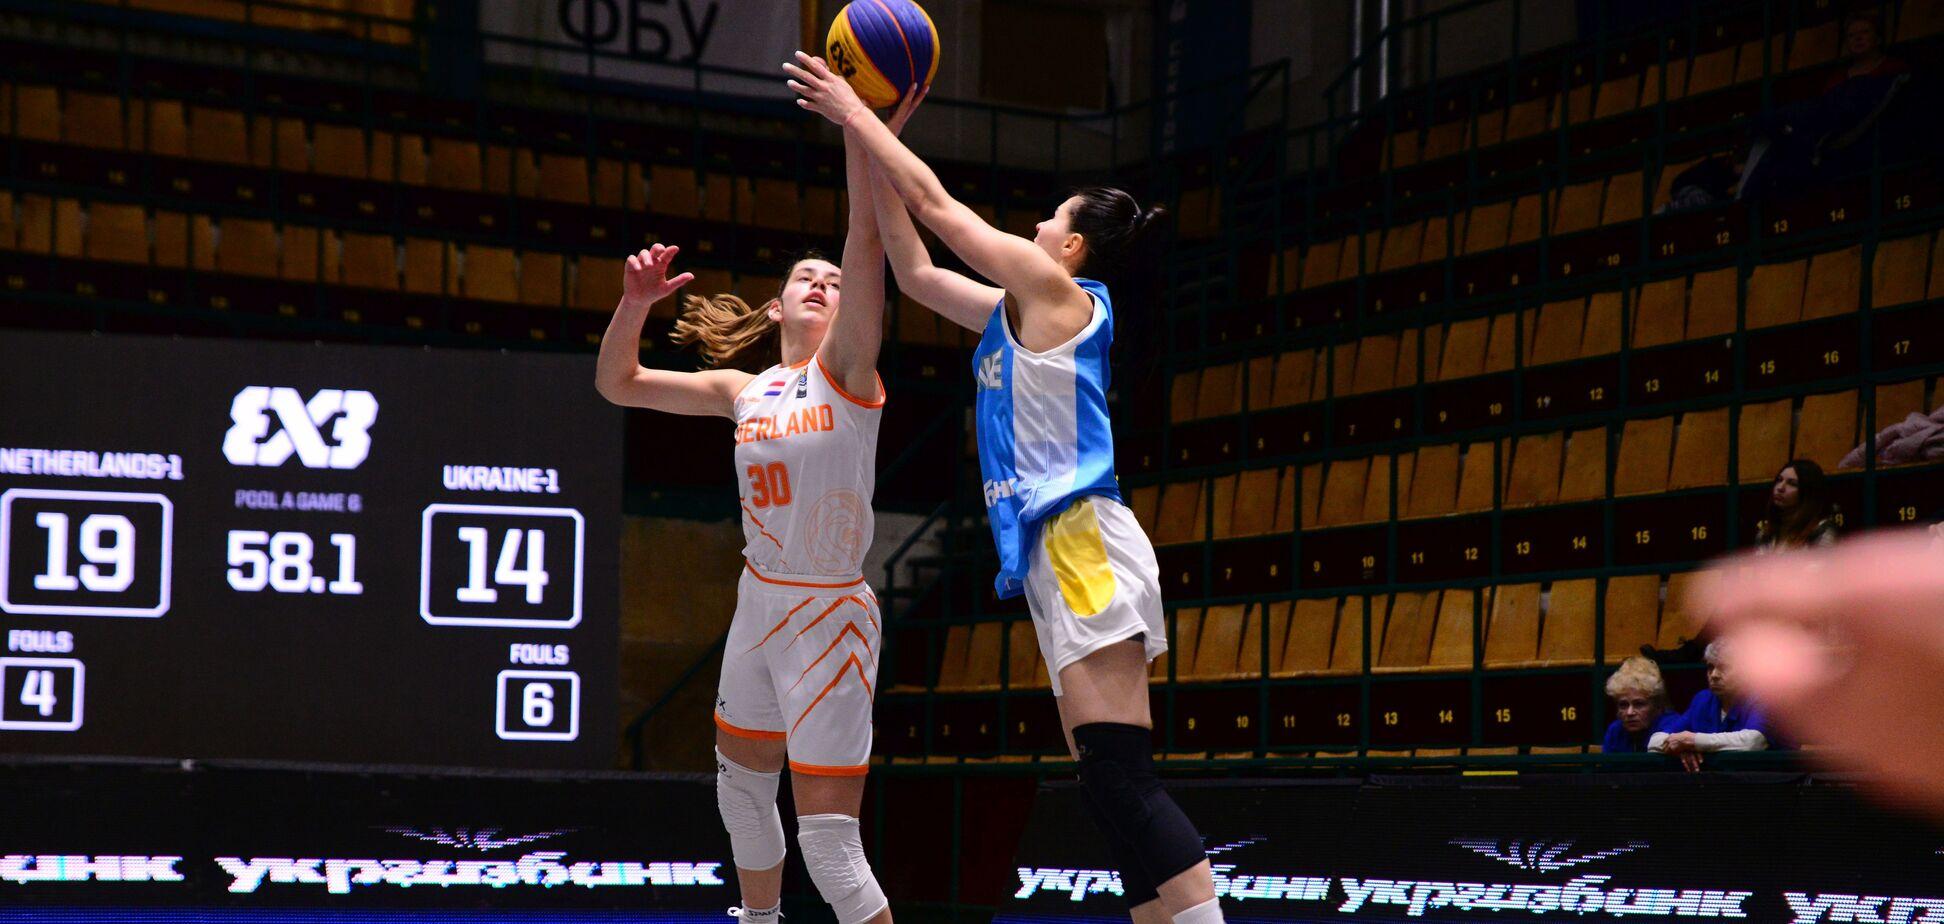 Украина против Нидерландов на турнире по баскетболу 3х3 в Киеве